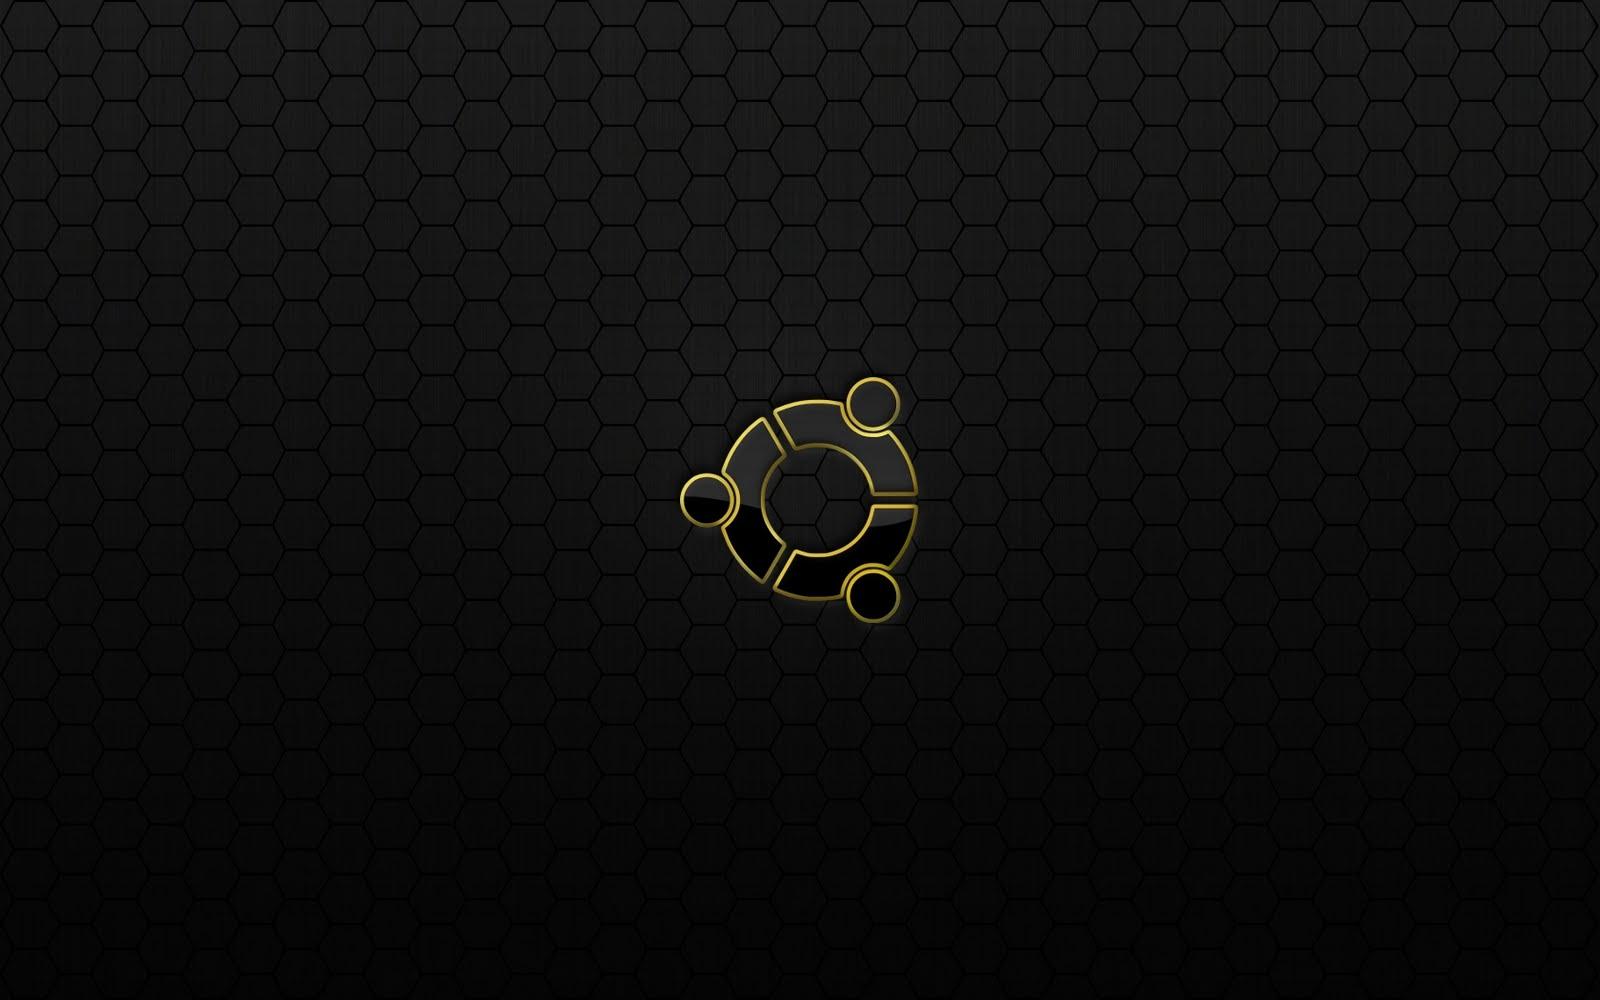 http://3.bp.blogspot.com/_LBrzECfihQw/S9yug0f97oI/AAAAAAAAAiA/Kj4-04bvKP4/s1600/ubuntu_black_metal_hex_by_monkeymagico.jpg